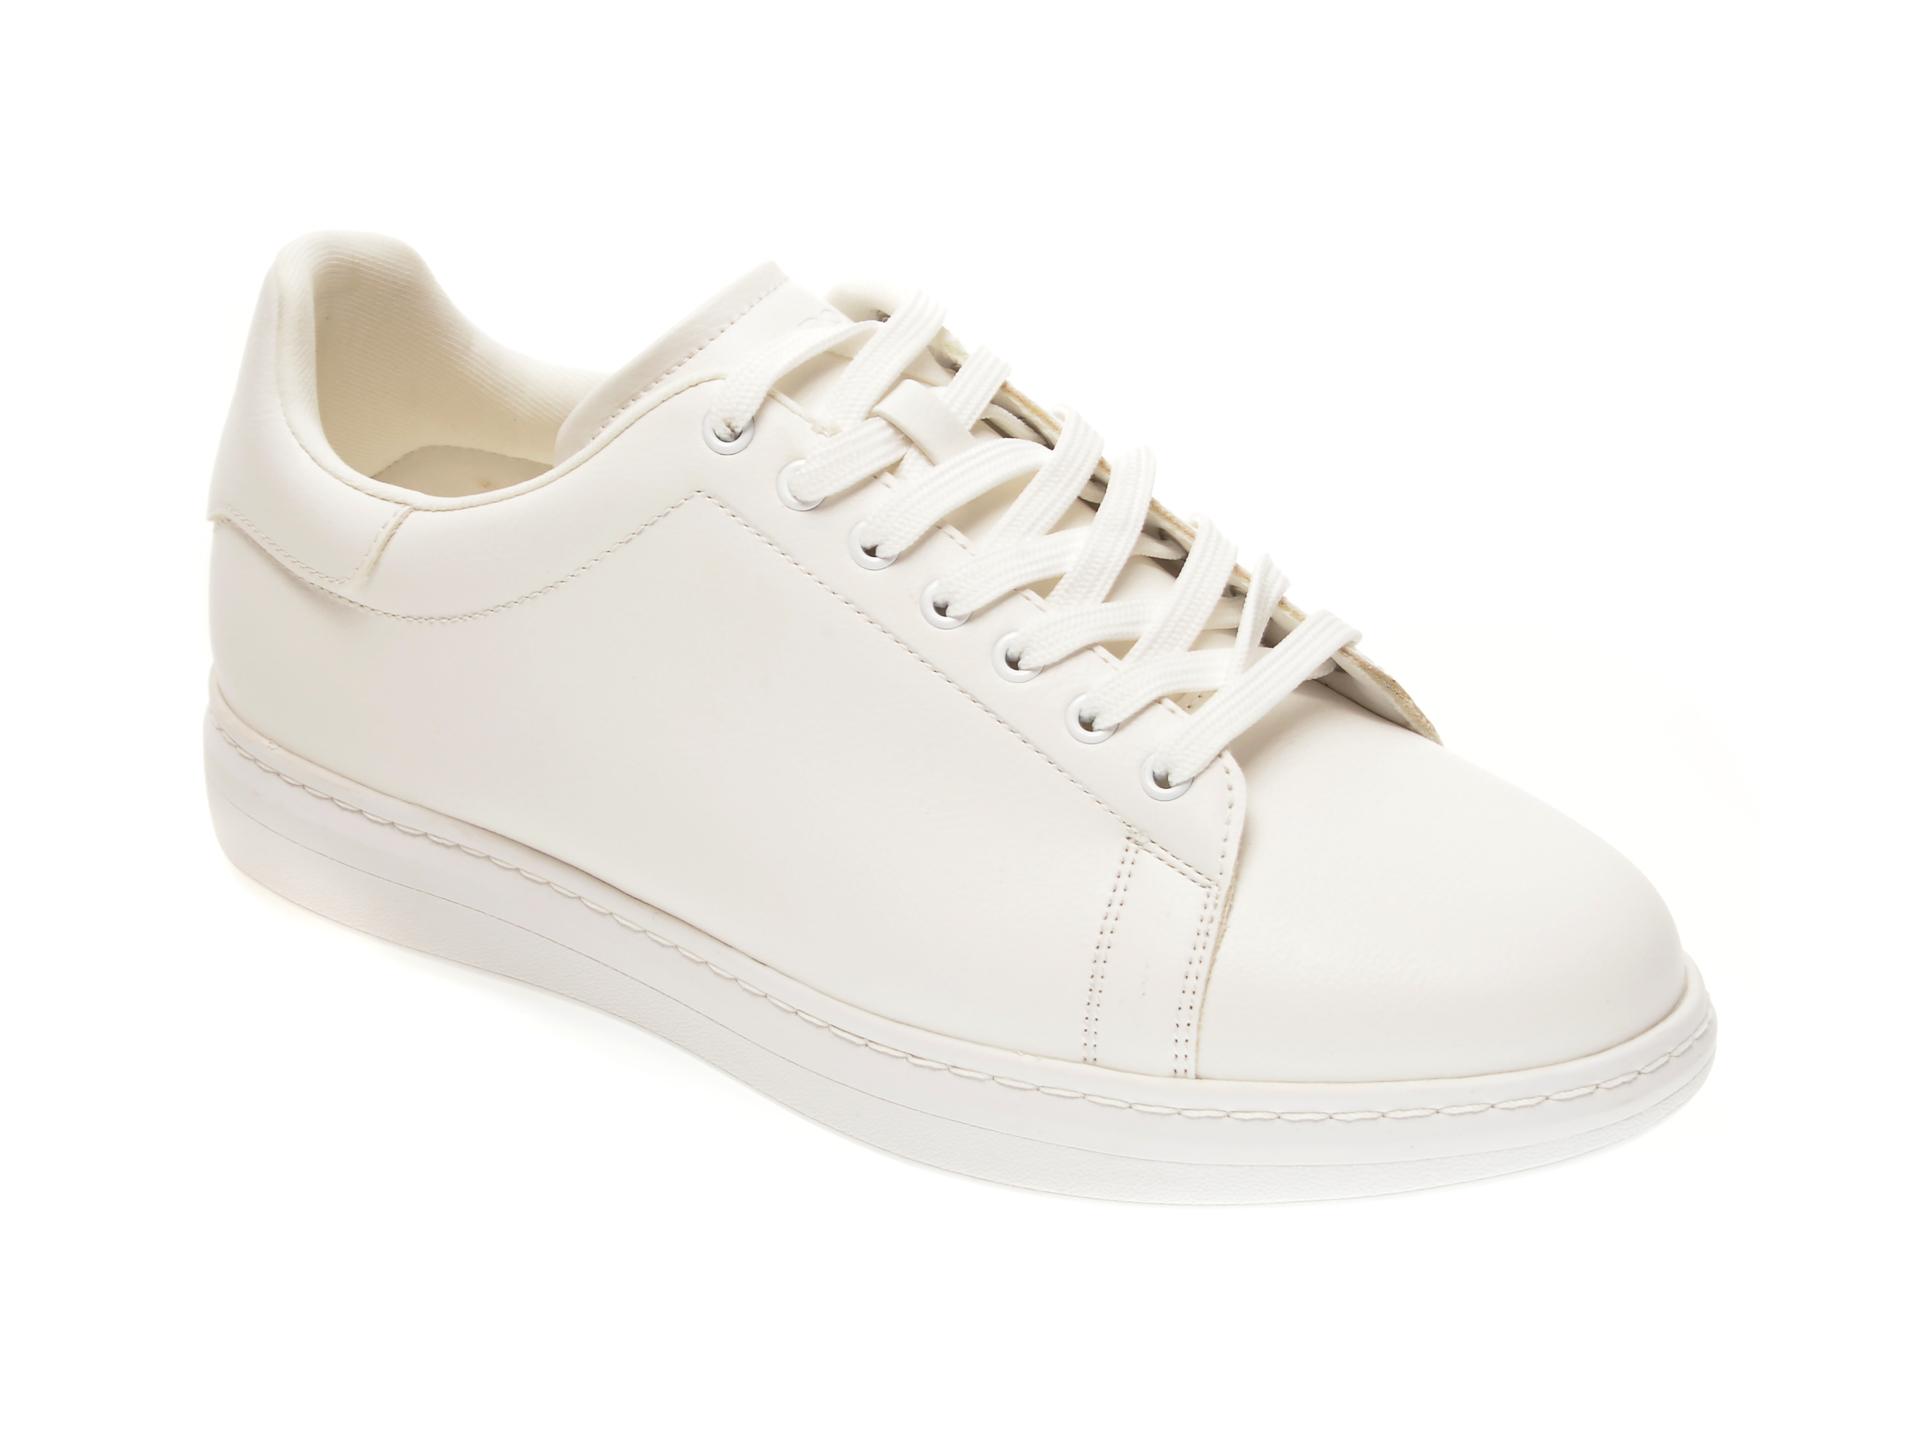 Pantofi ALDO albi, Dallyn100, din piele ecologica imagine